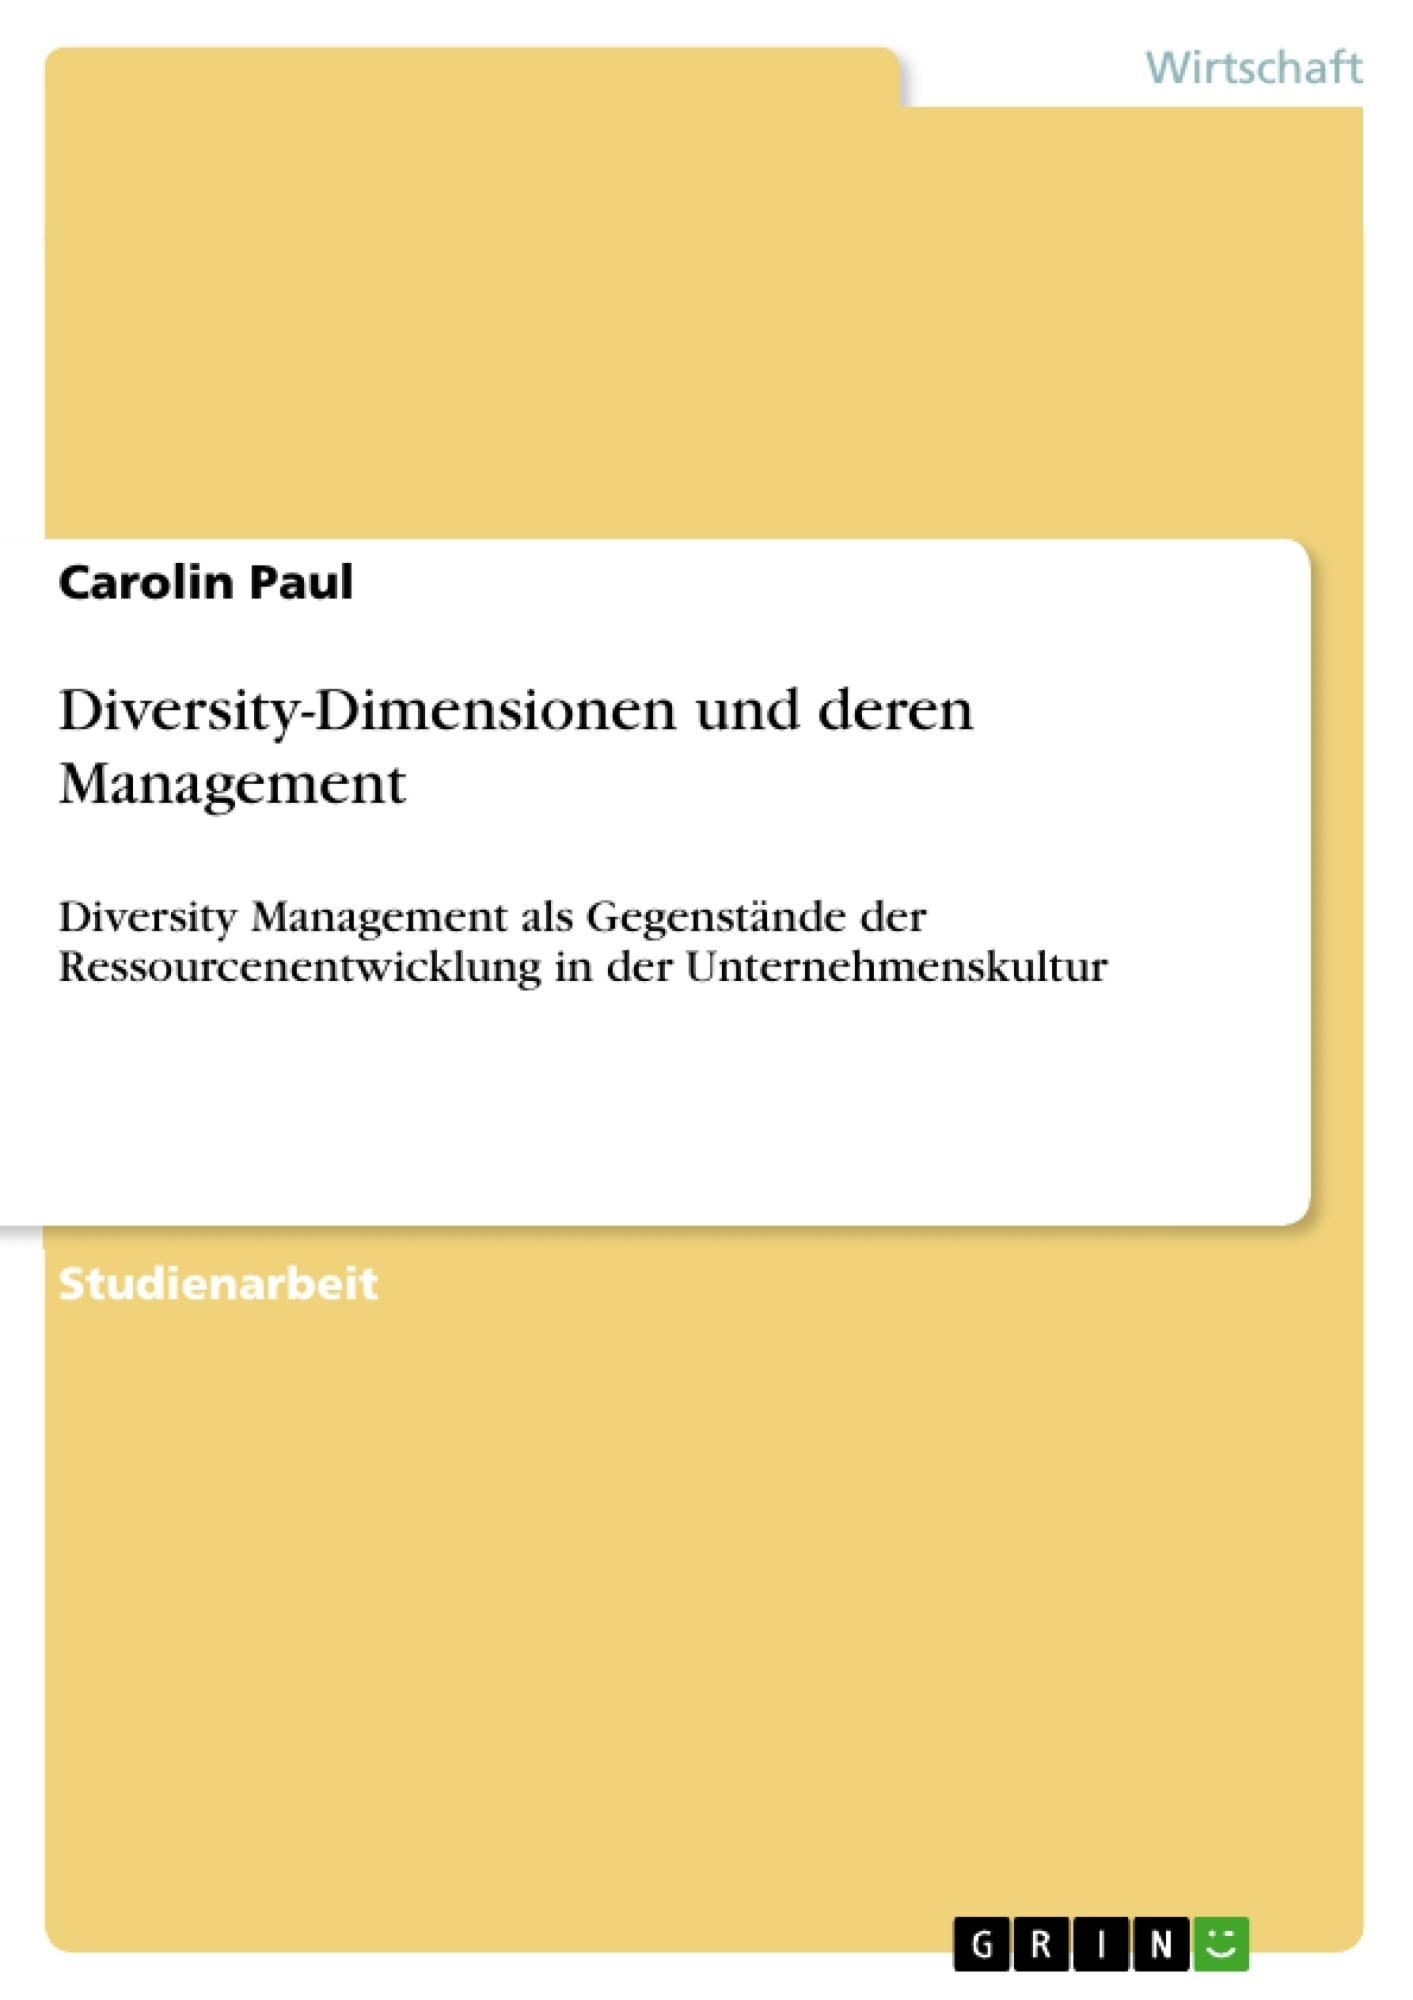 Titel: Diversity-Dimensionen und deren Management